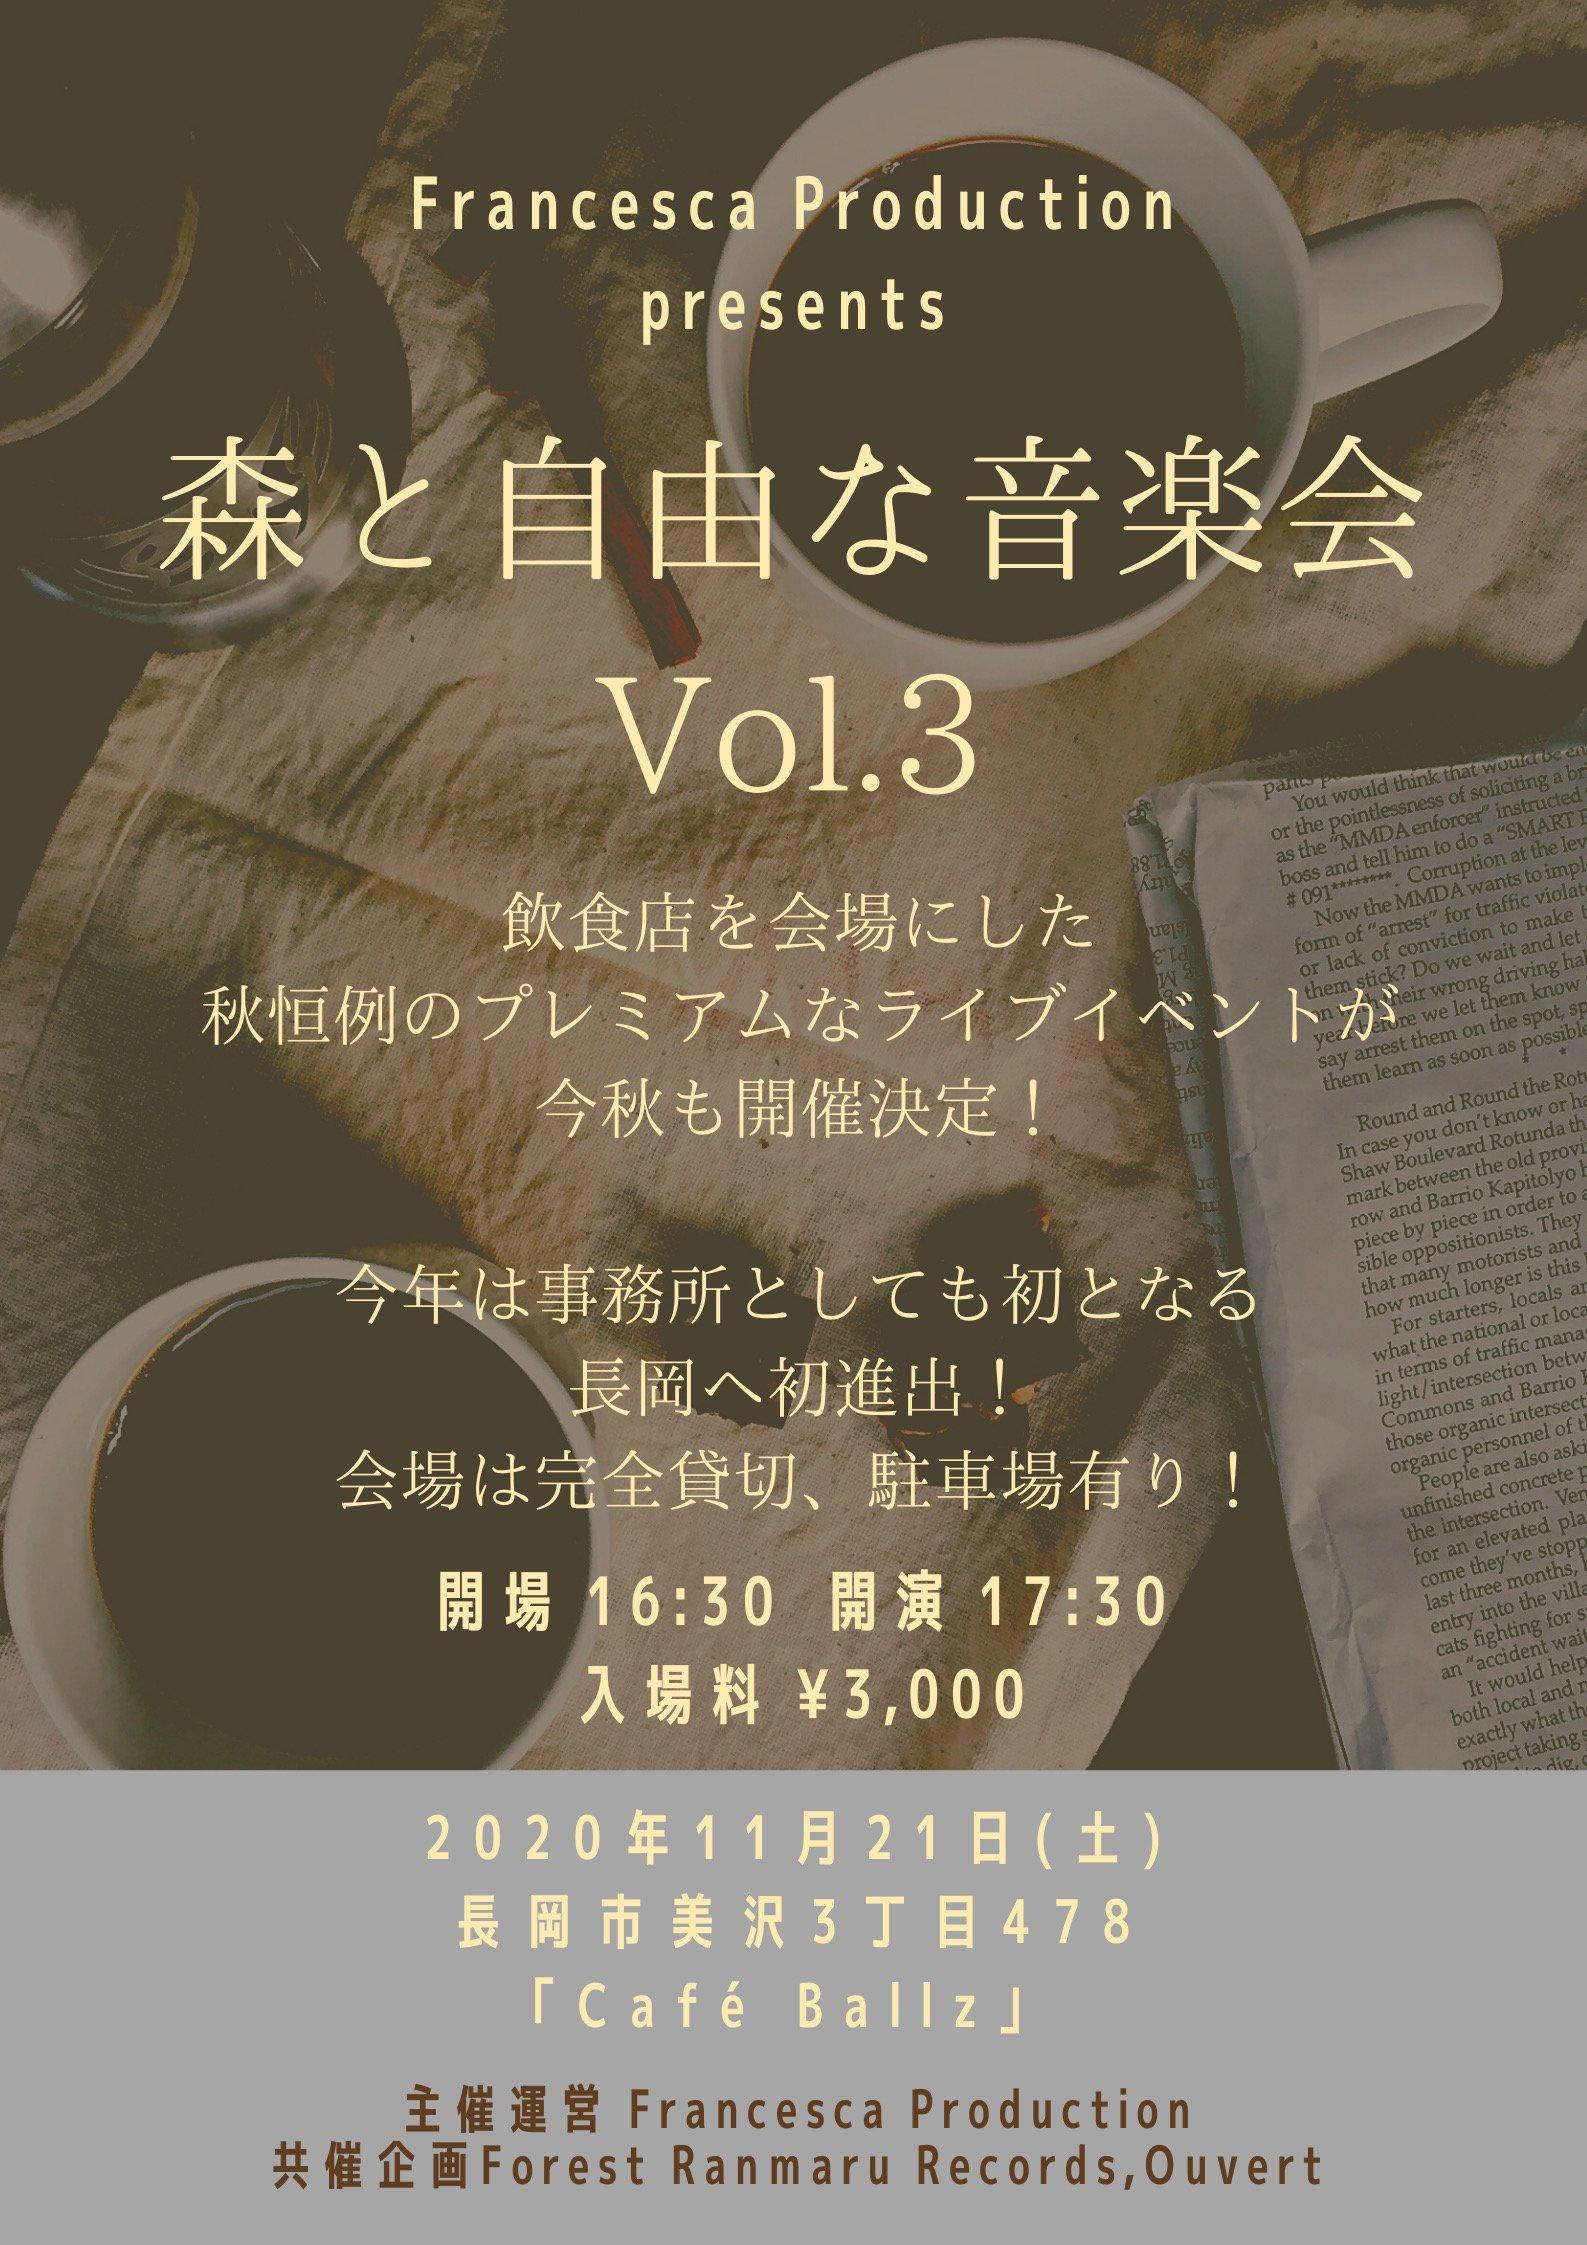 【音楽】森と自由な音楽会 -Vol.3-【新潟】のイメージその3